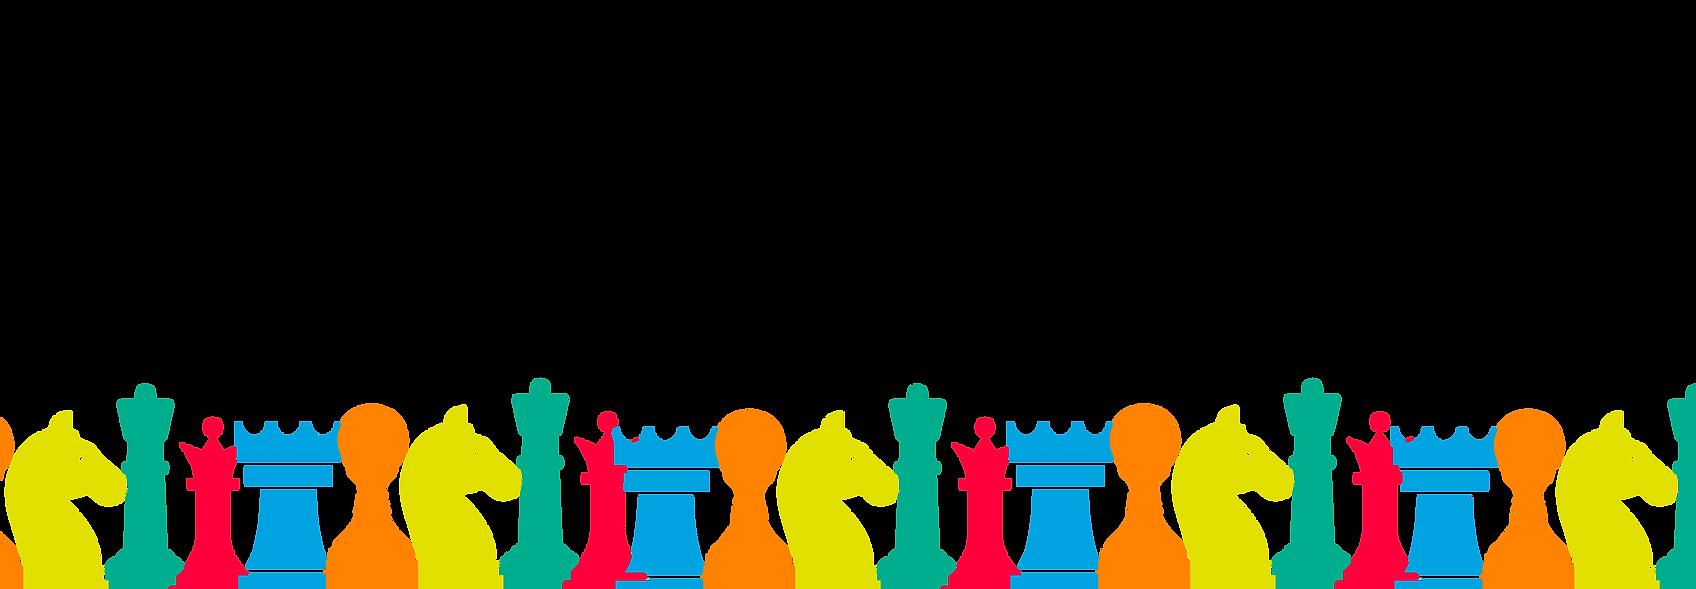 Cópia de Curso Xadrez - whats curso xadr